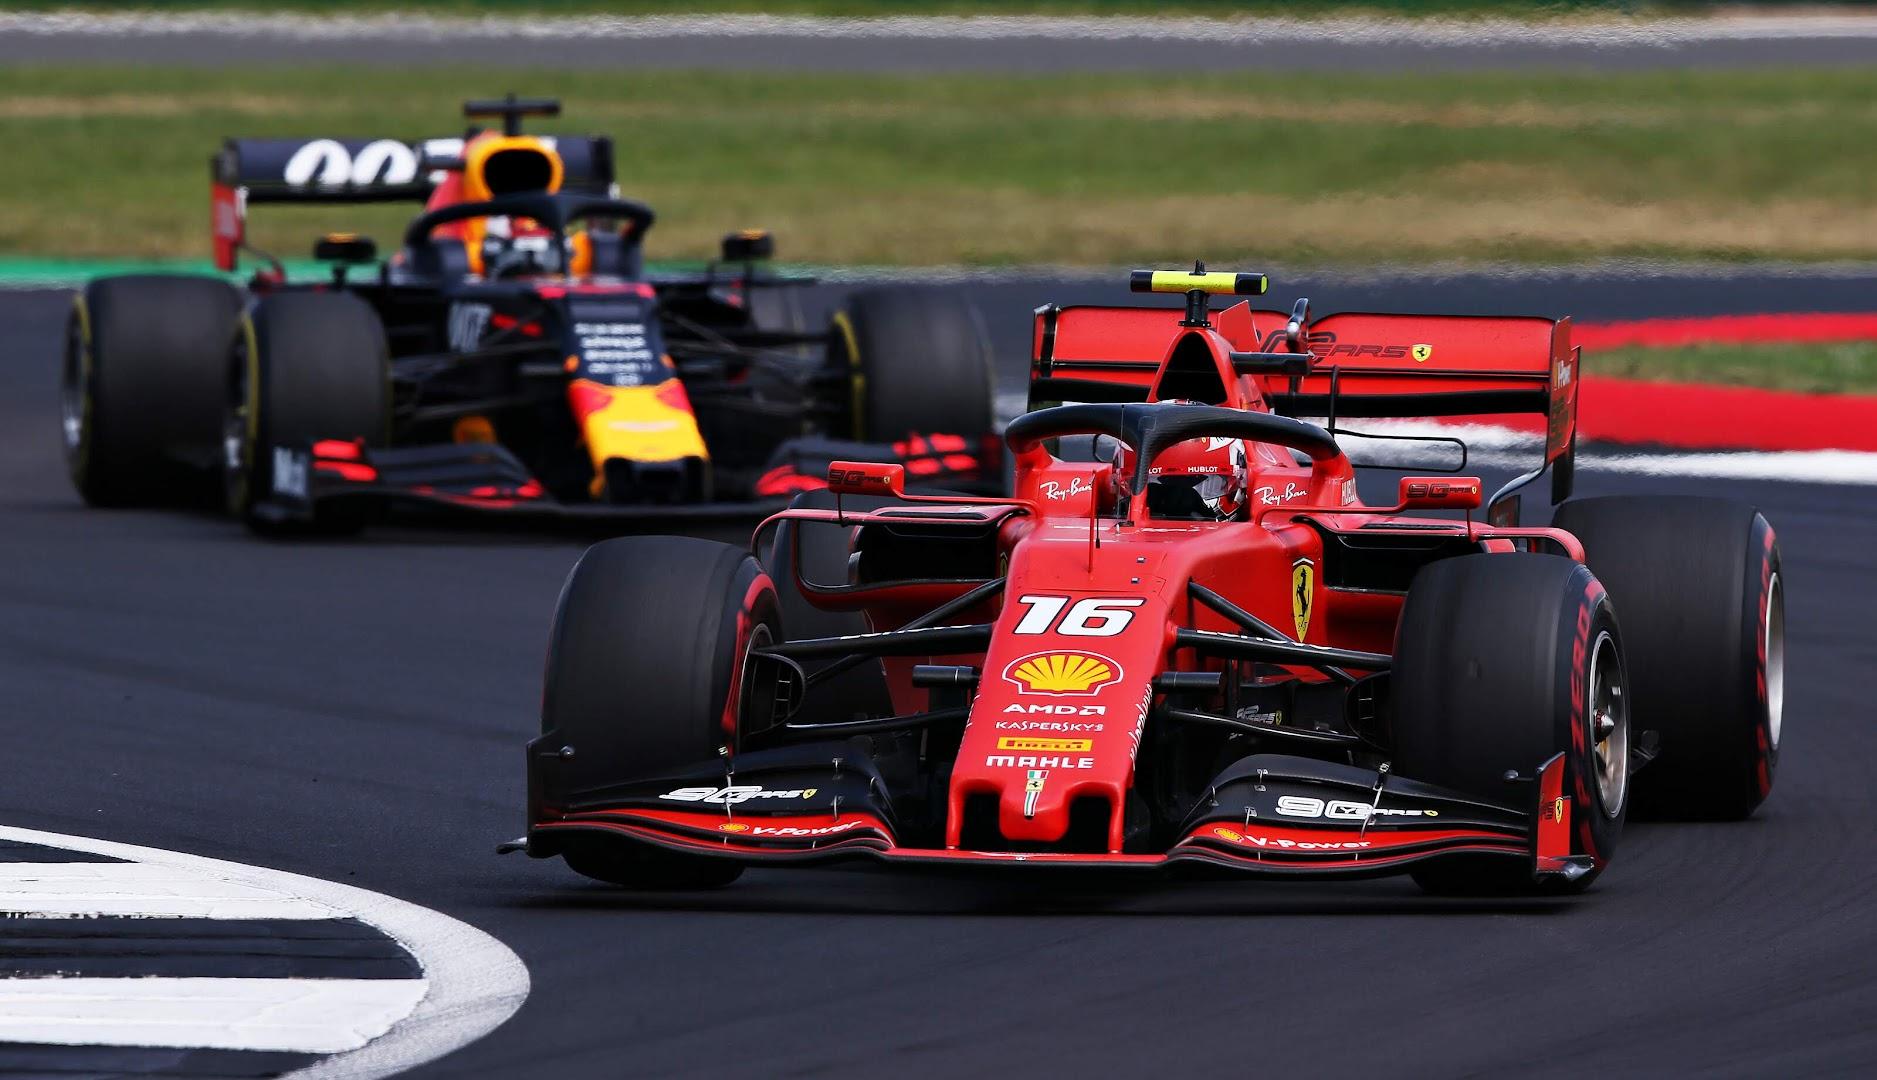 F1第10戦イギリスGPルクレールとバトルするフェルスタッペン